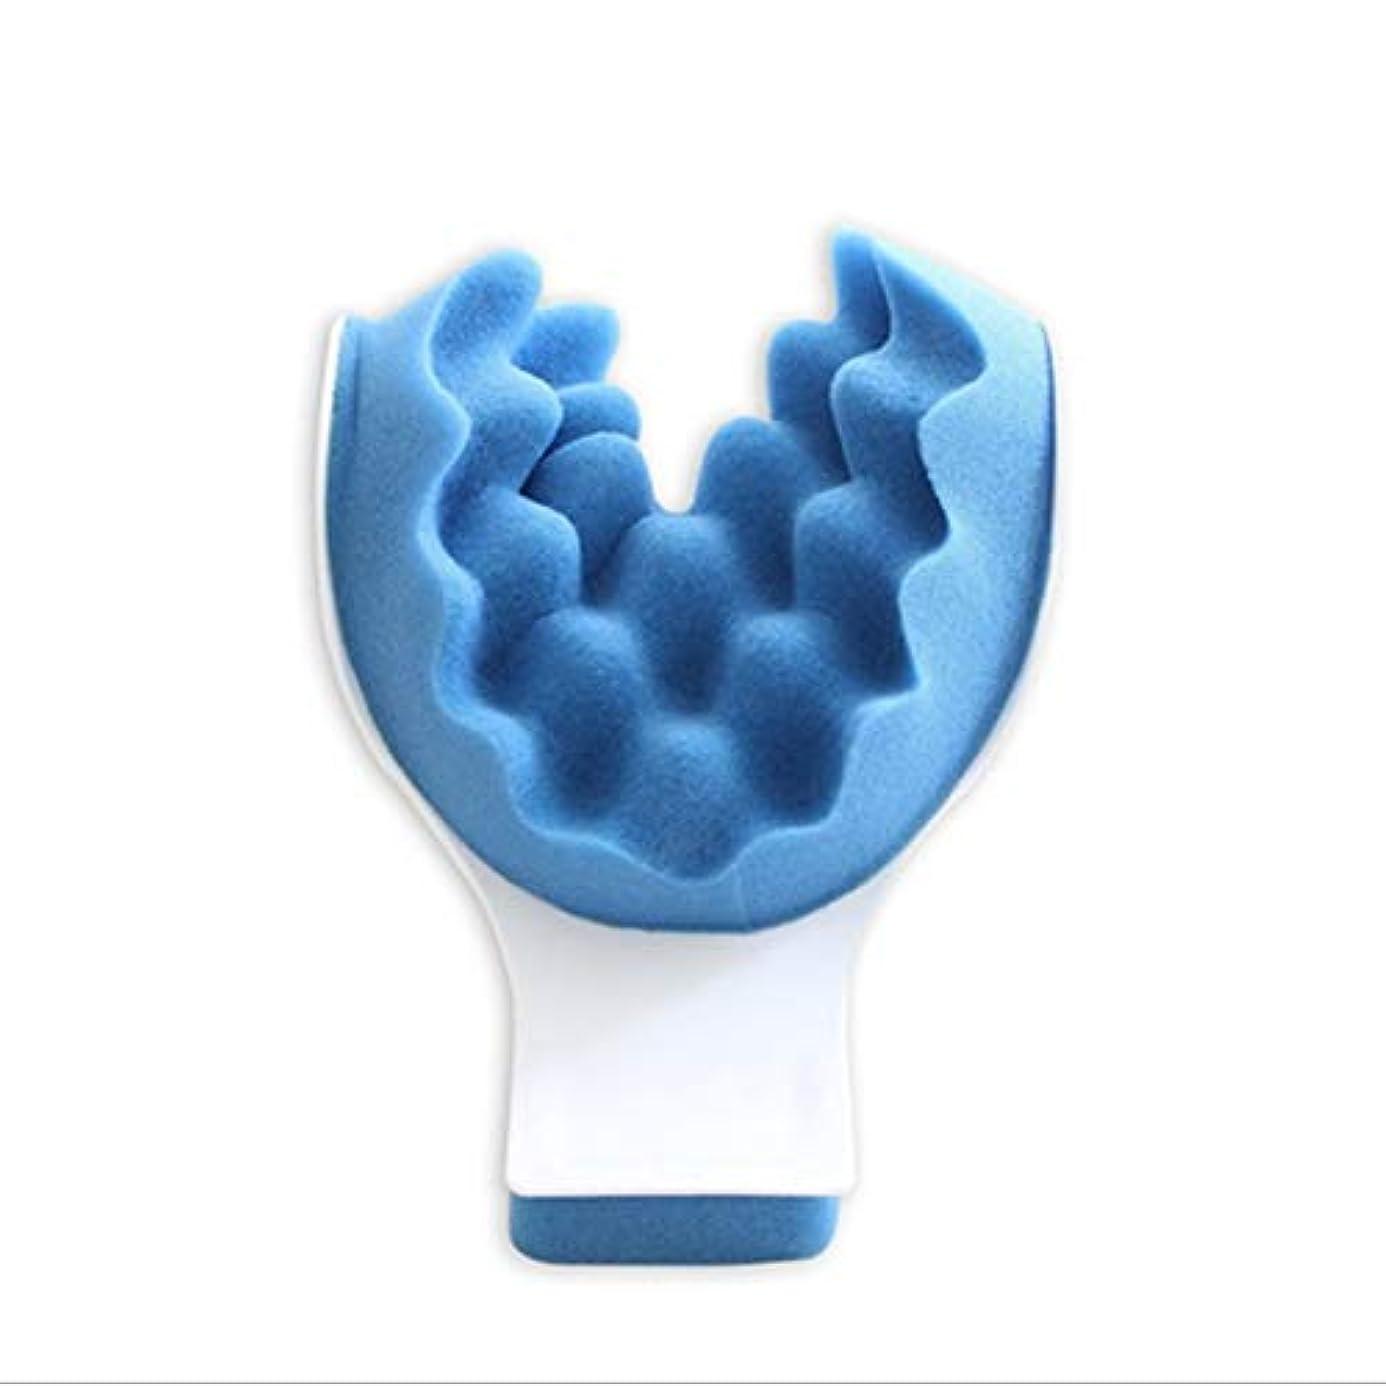 タッチ慣れるスイッチマッスルテンションリリーフタイトネスと痛みの緩和セラピーティックネックサポートテンションリリーフネック&ショルダーリラクサー - ブルー